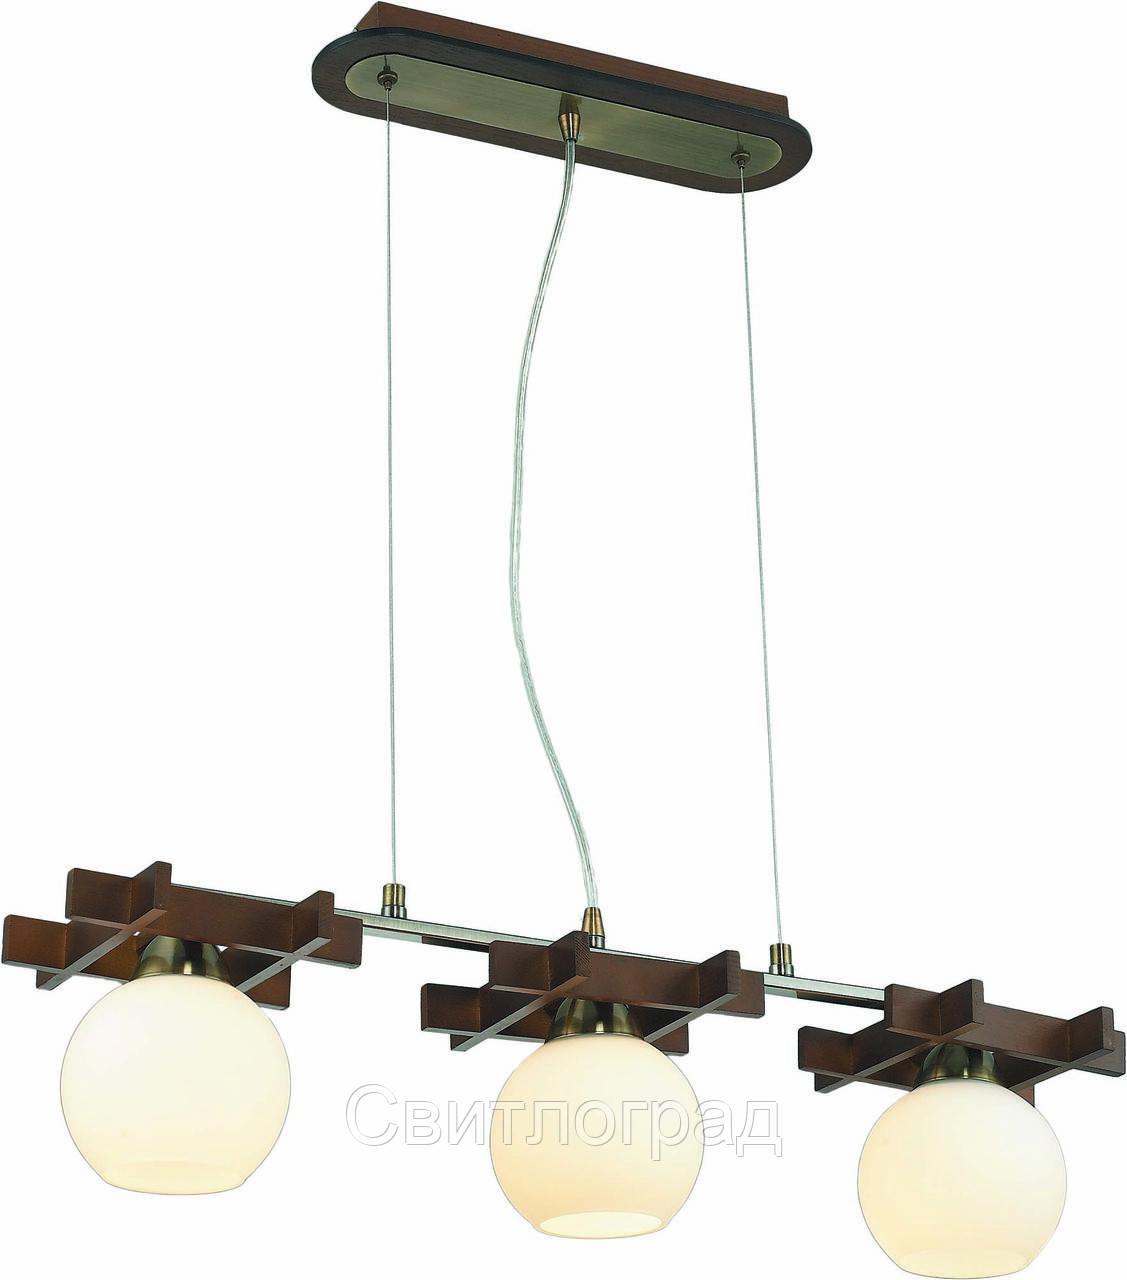 Светильник Подвесной Деревянный    Altalusse INL-3089P-13 Antique Brass & Walnut